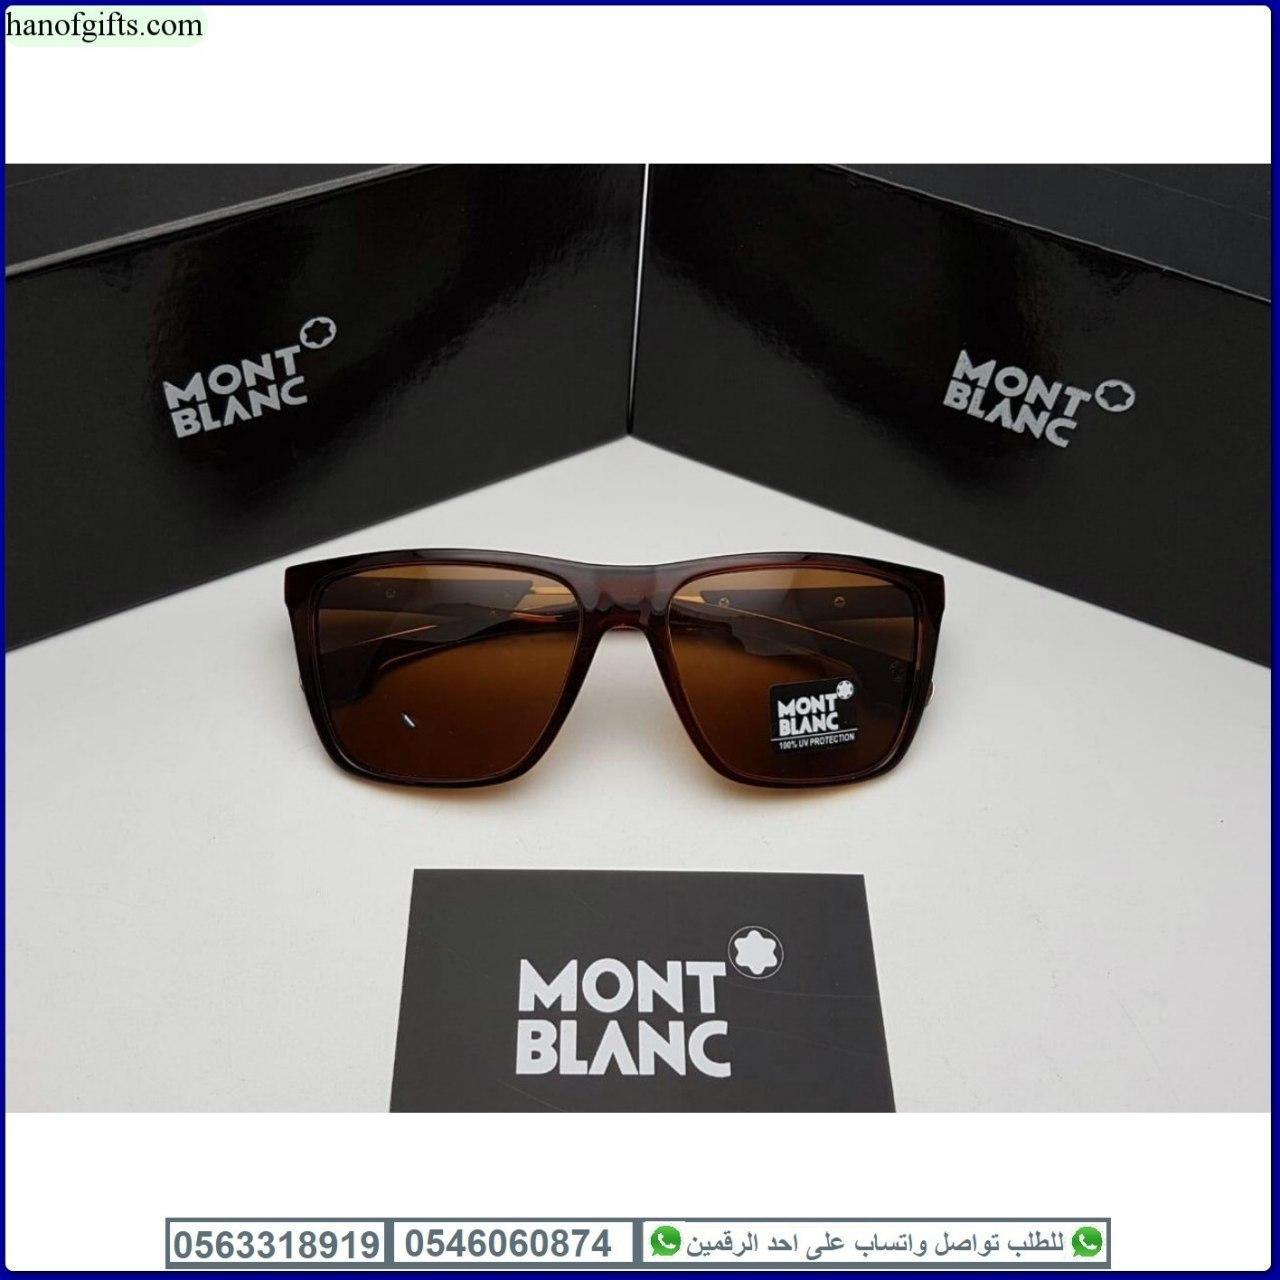 نظارات مونت بلانك رجاليه